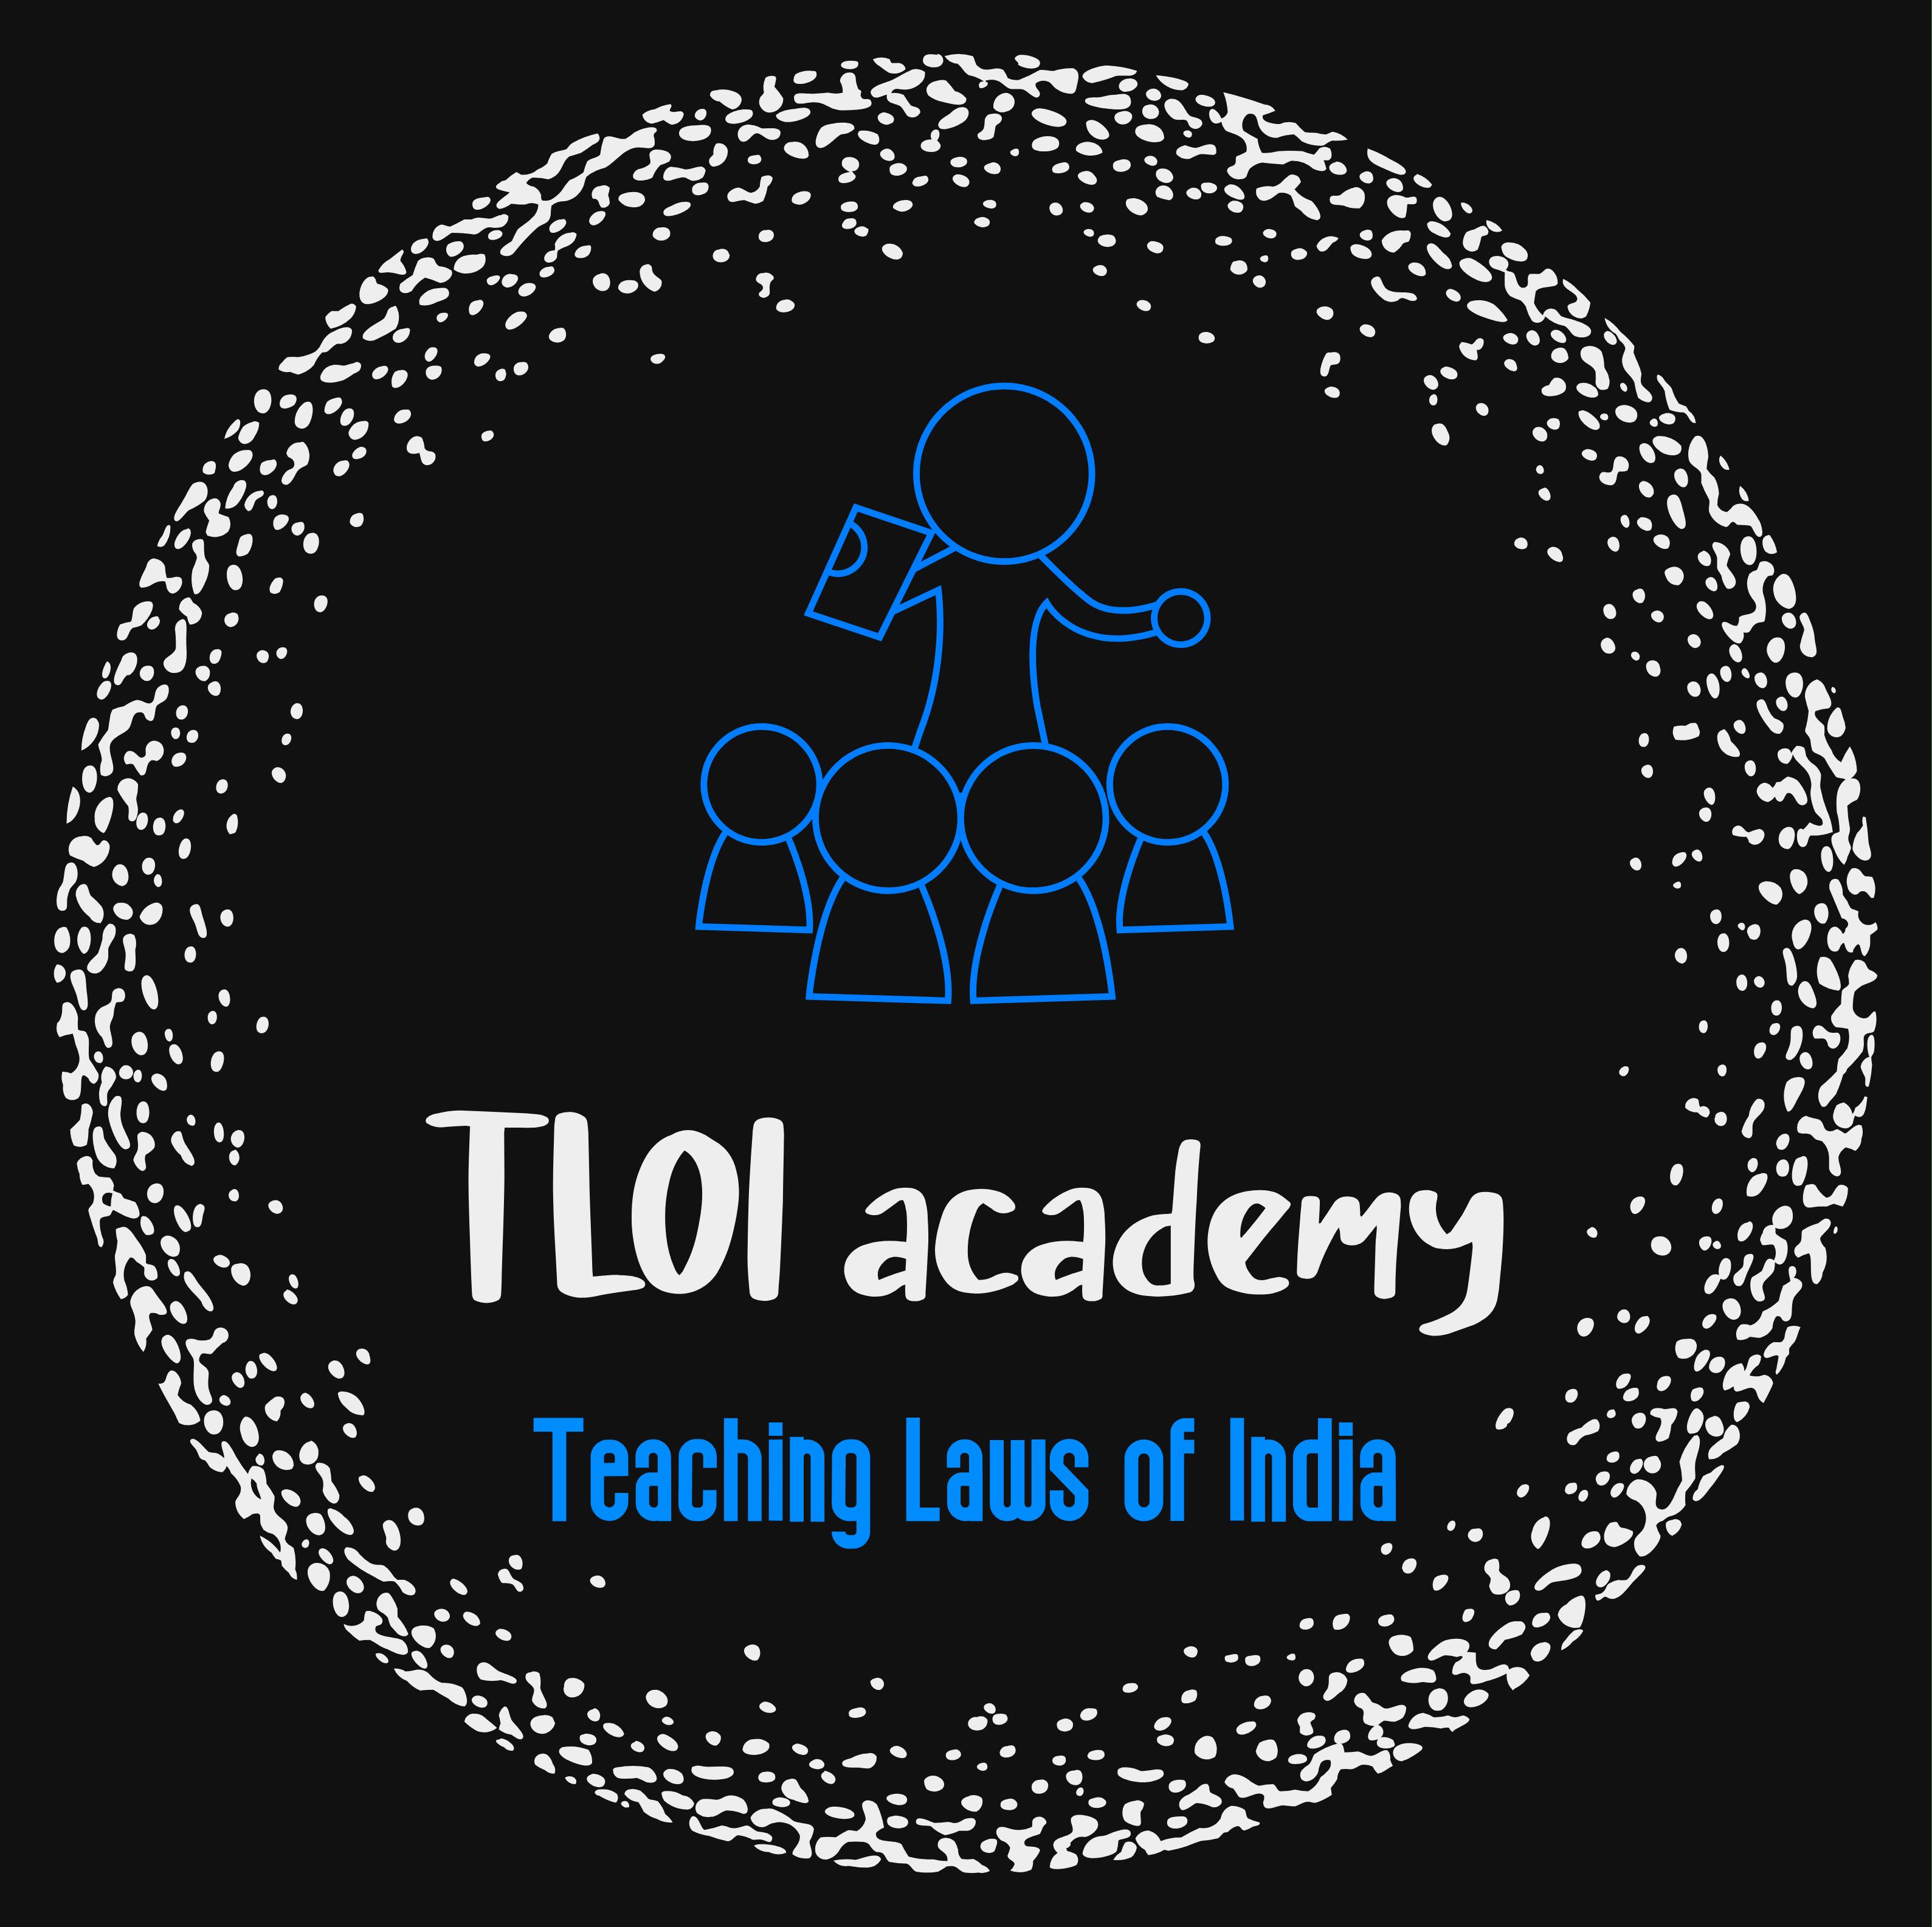 TLOI Academy